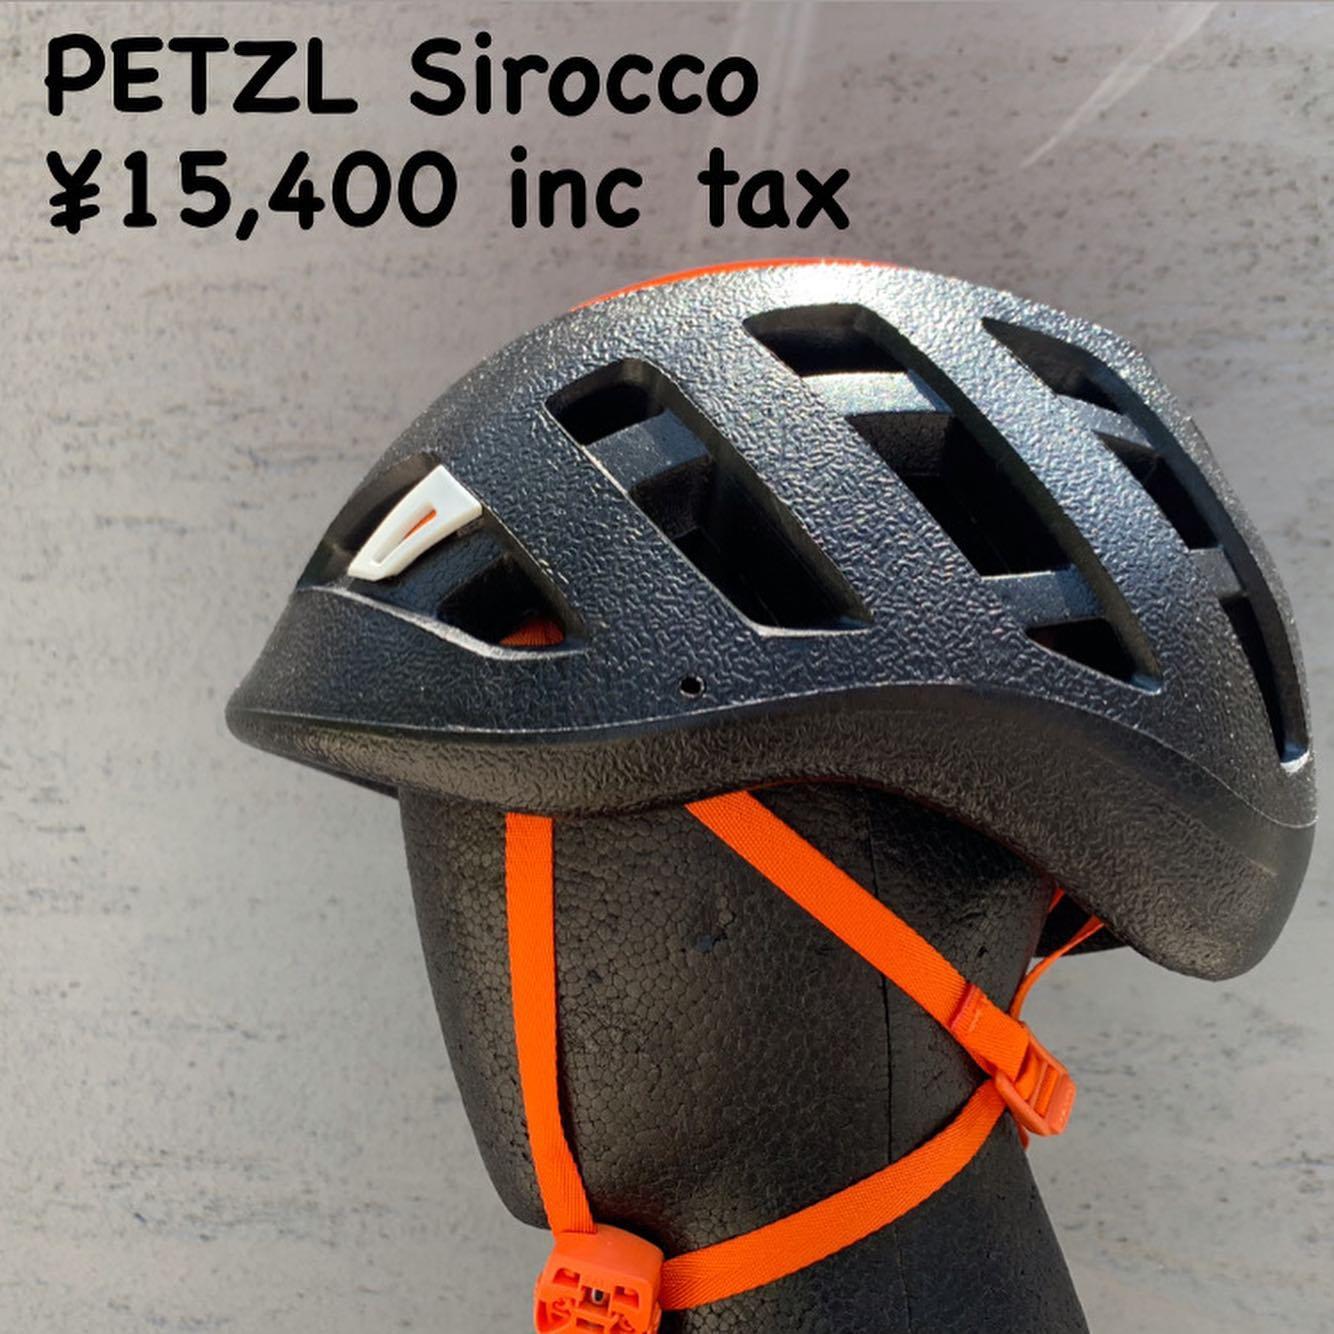 わずか160gの軽量なヘルメット『PETZL シロッコ』のご紹介